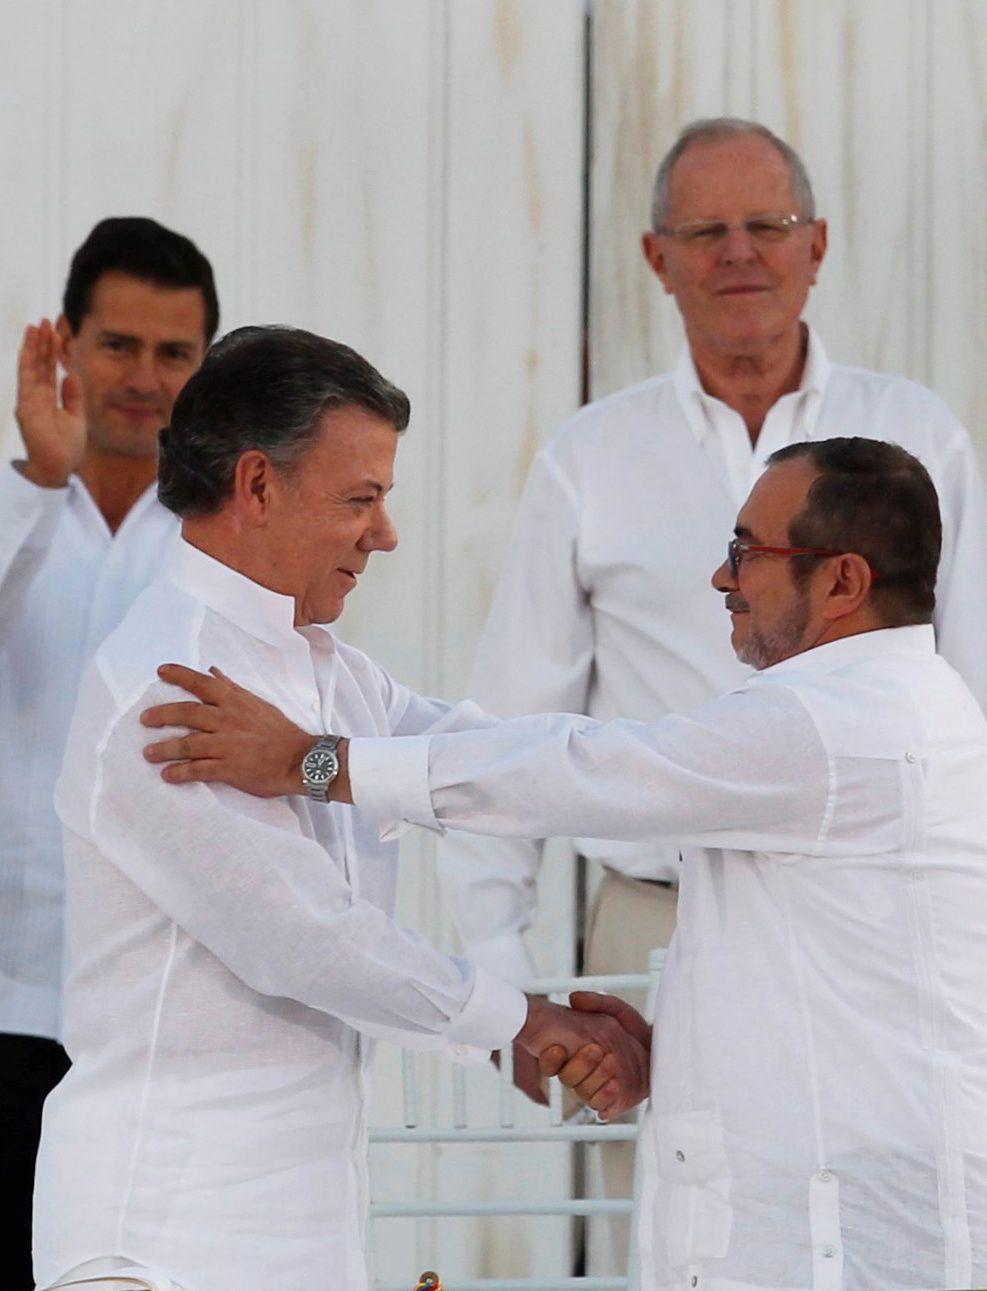 SA NEI: Folkets nei til fredsavtalen i Colombia har fjernet favoritstempelet fra hovedpersonene bak den historiske avtalen. Foto: Reuters